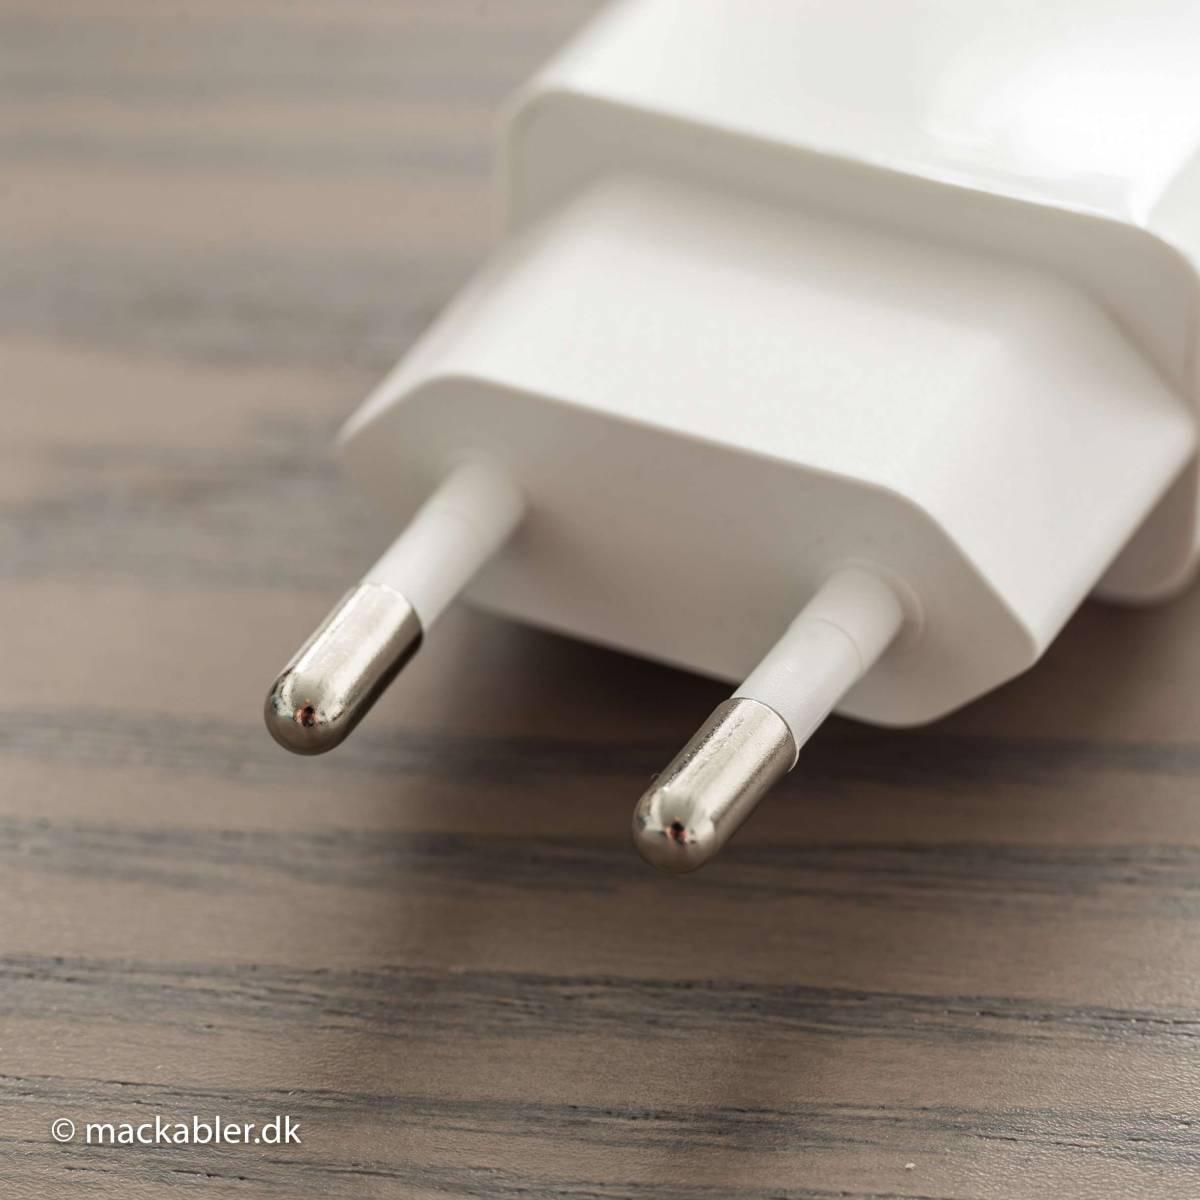 iPad Oplader Mackabler.no ✓ Billig fragt ✓ Dag til dag